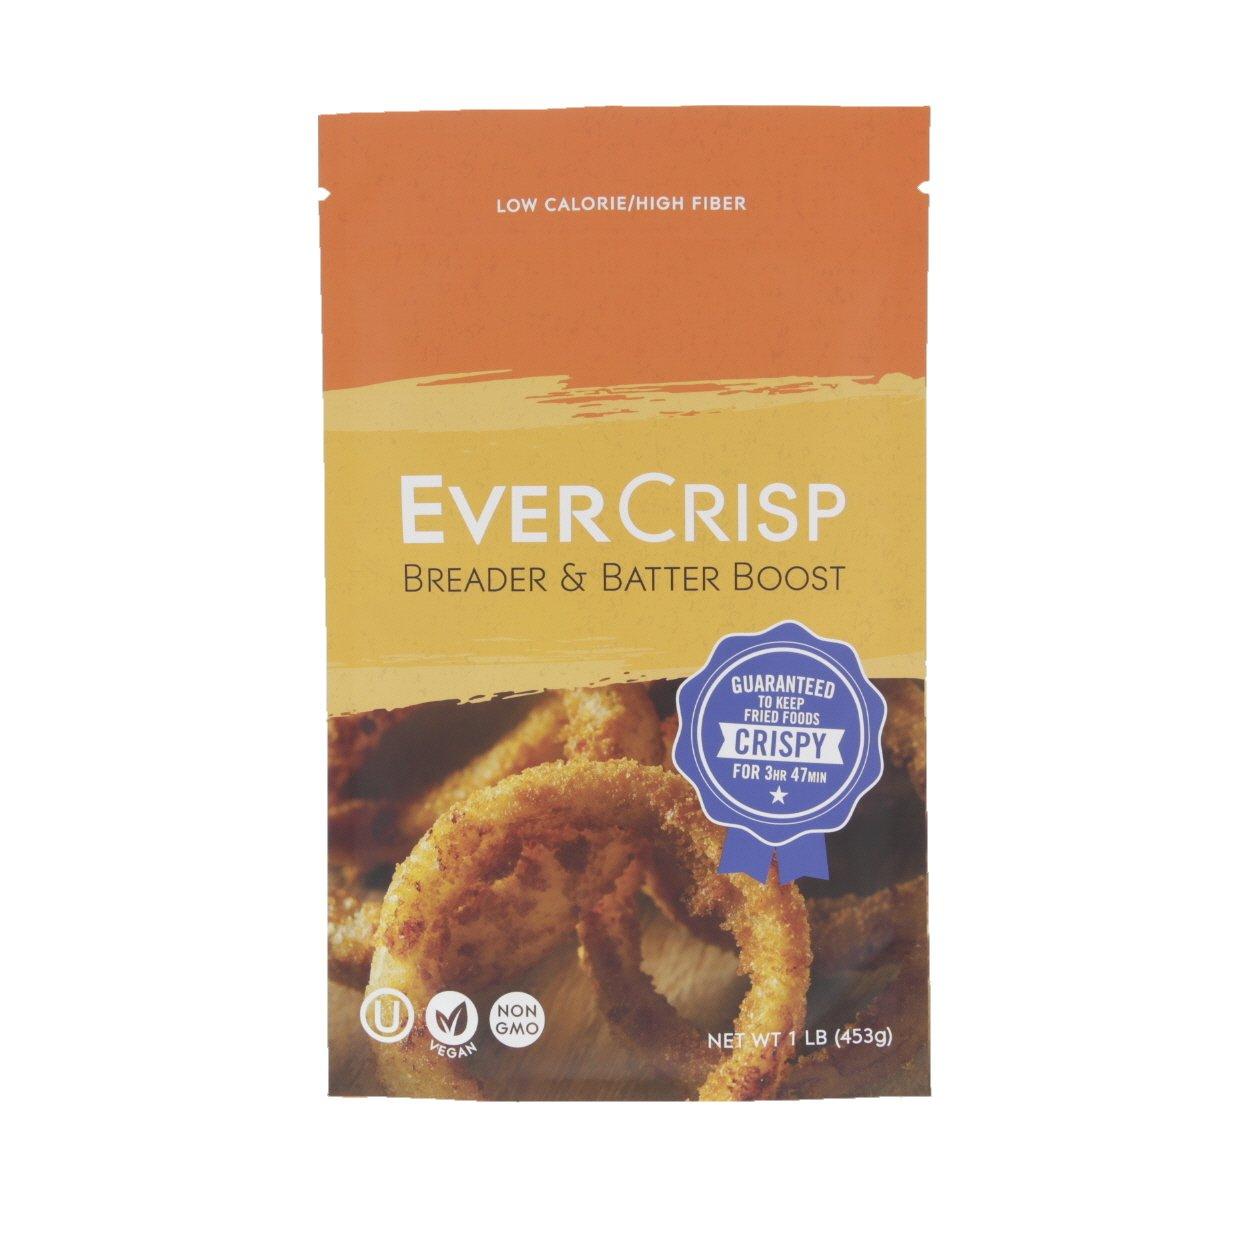 EverCrisp Breader & Batter Boost ☮ Vegan ✡ OU Kosher Certified ⊘ Non-GMO - 1lb/16oz/453g